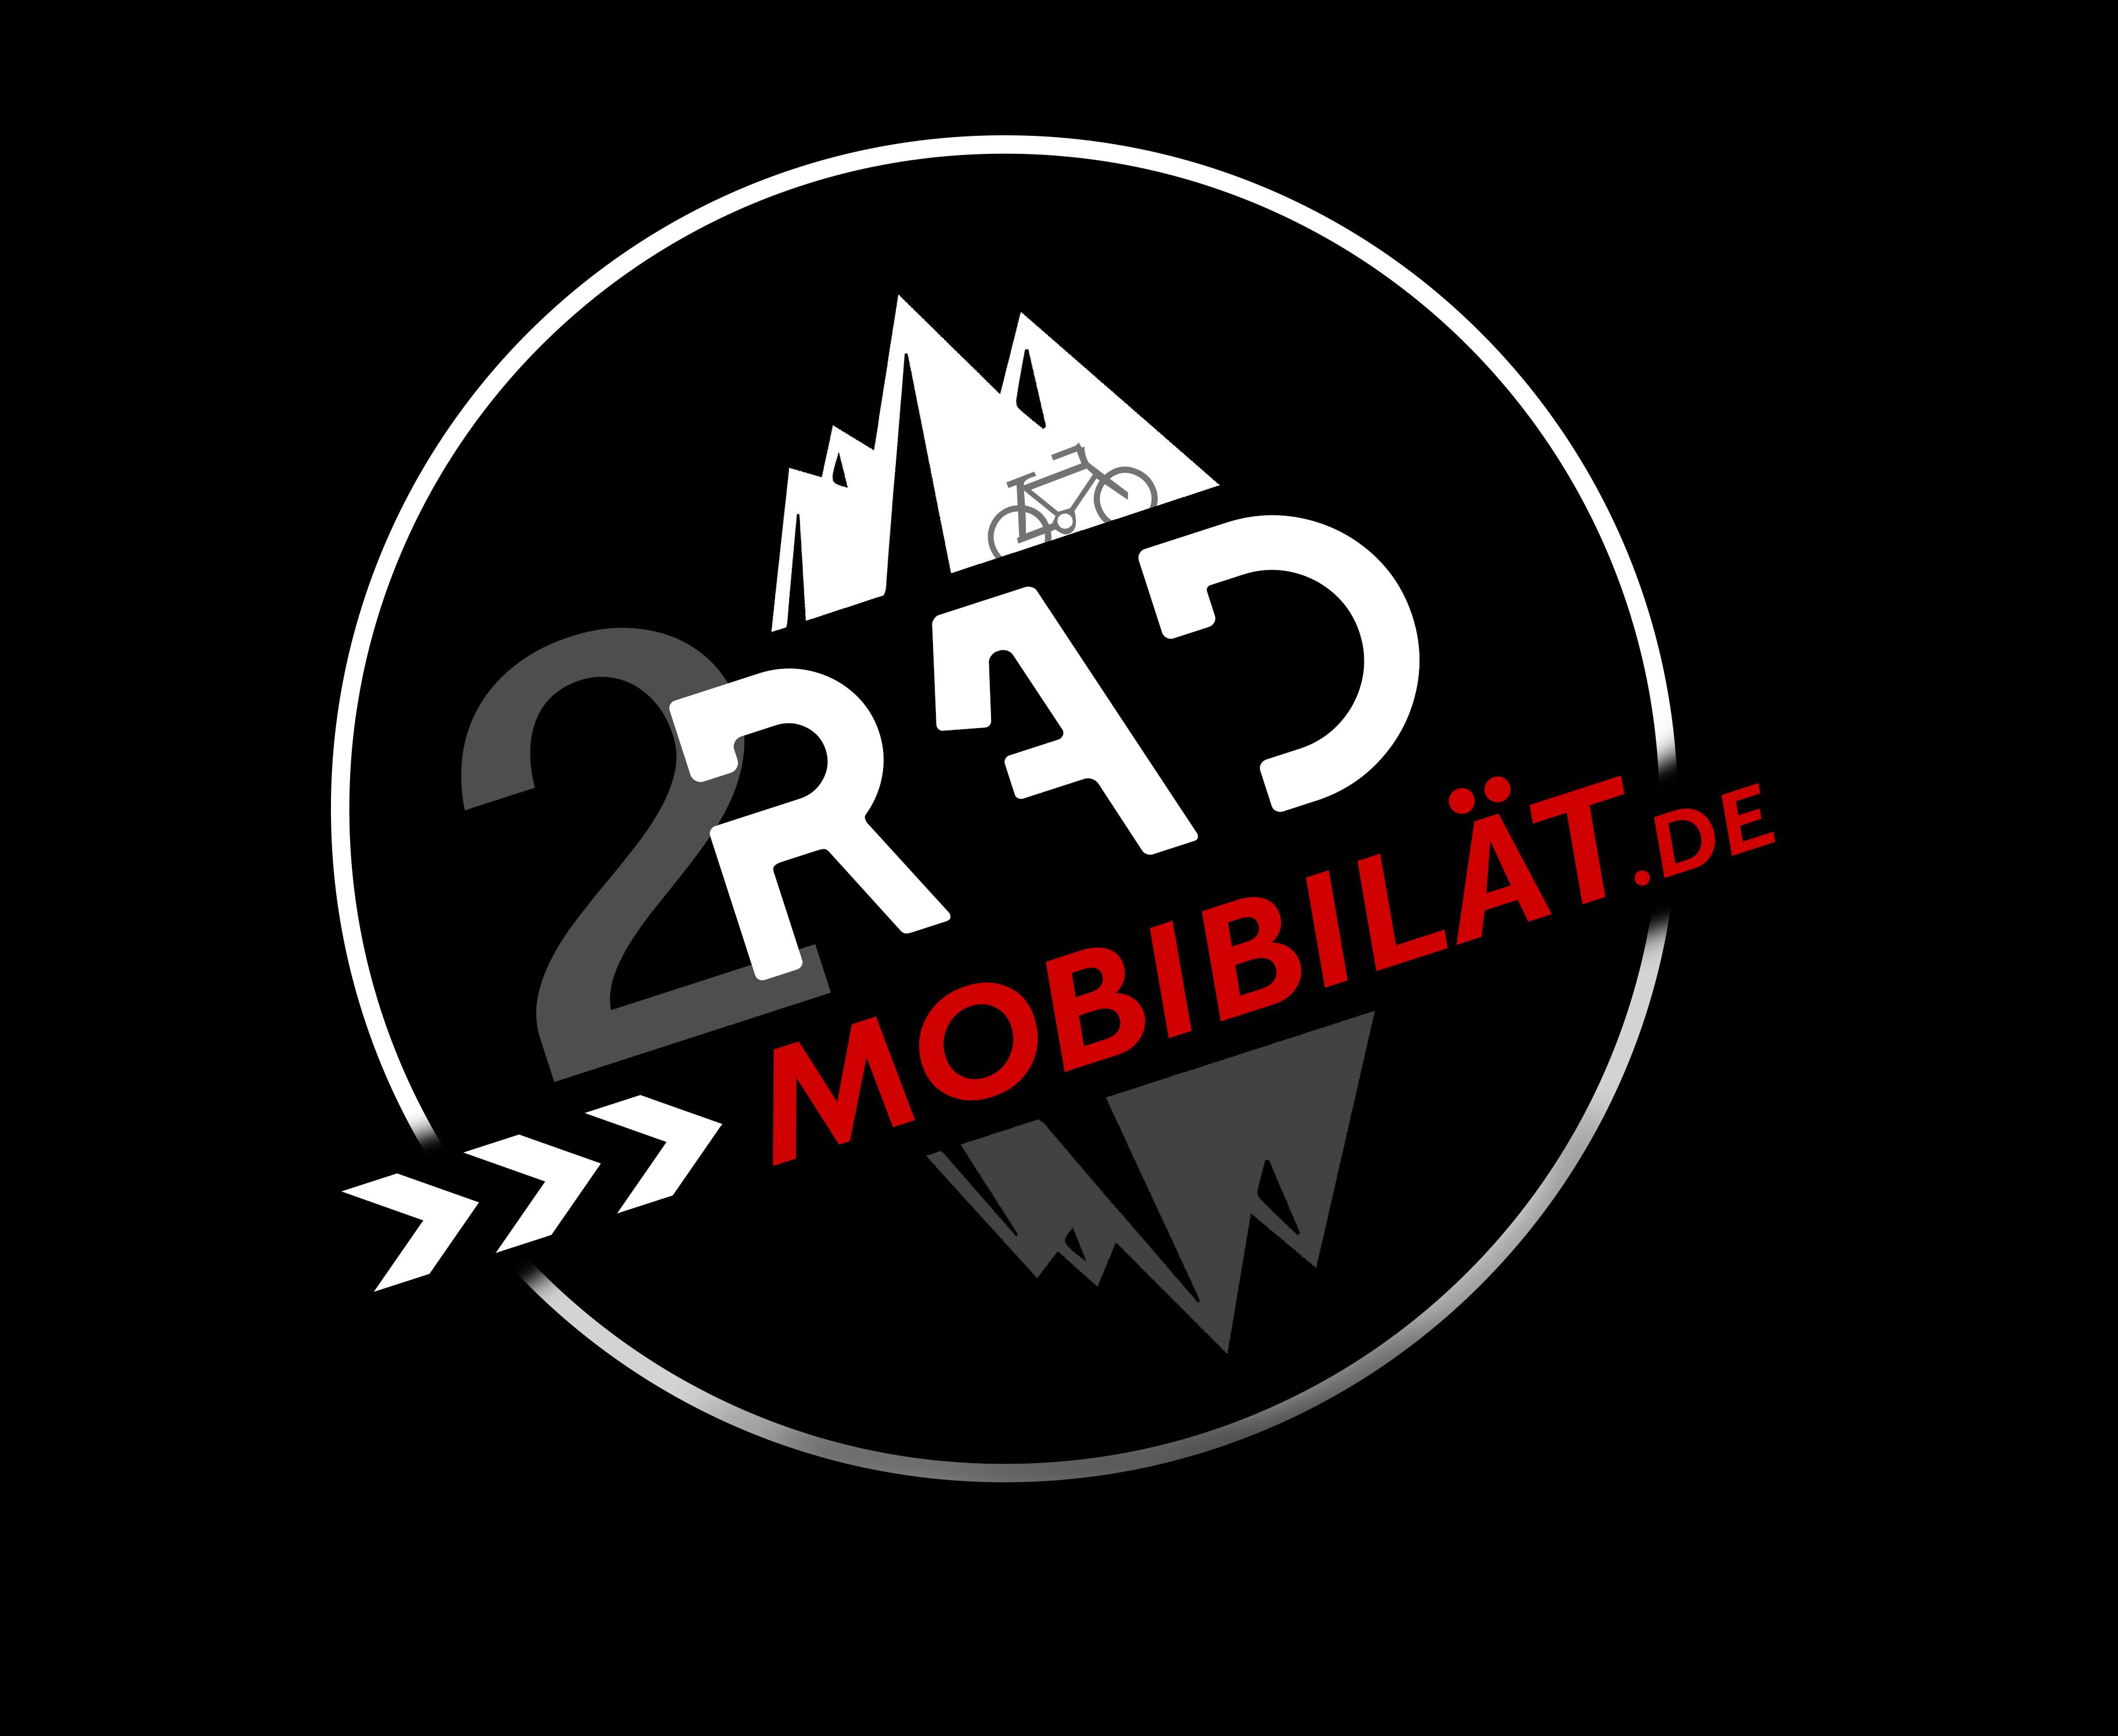 2rad_logo_schwarz